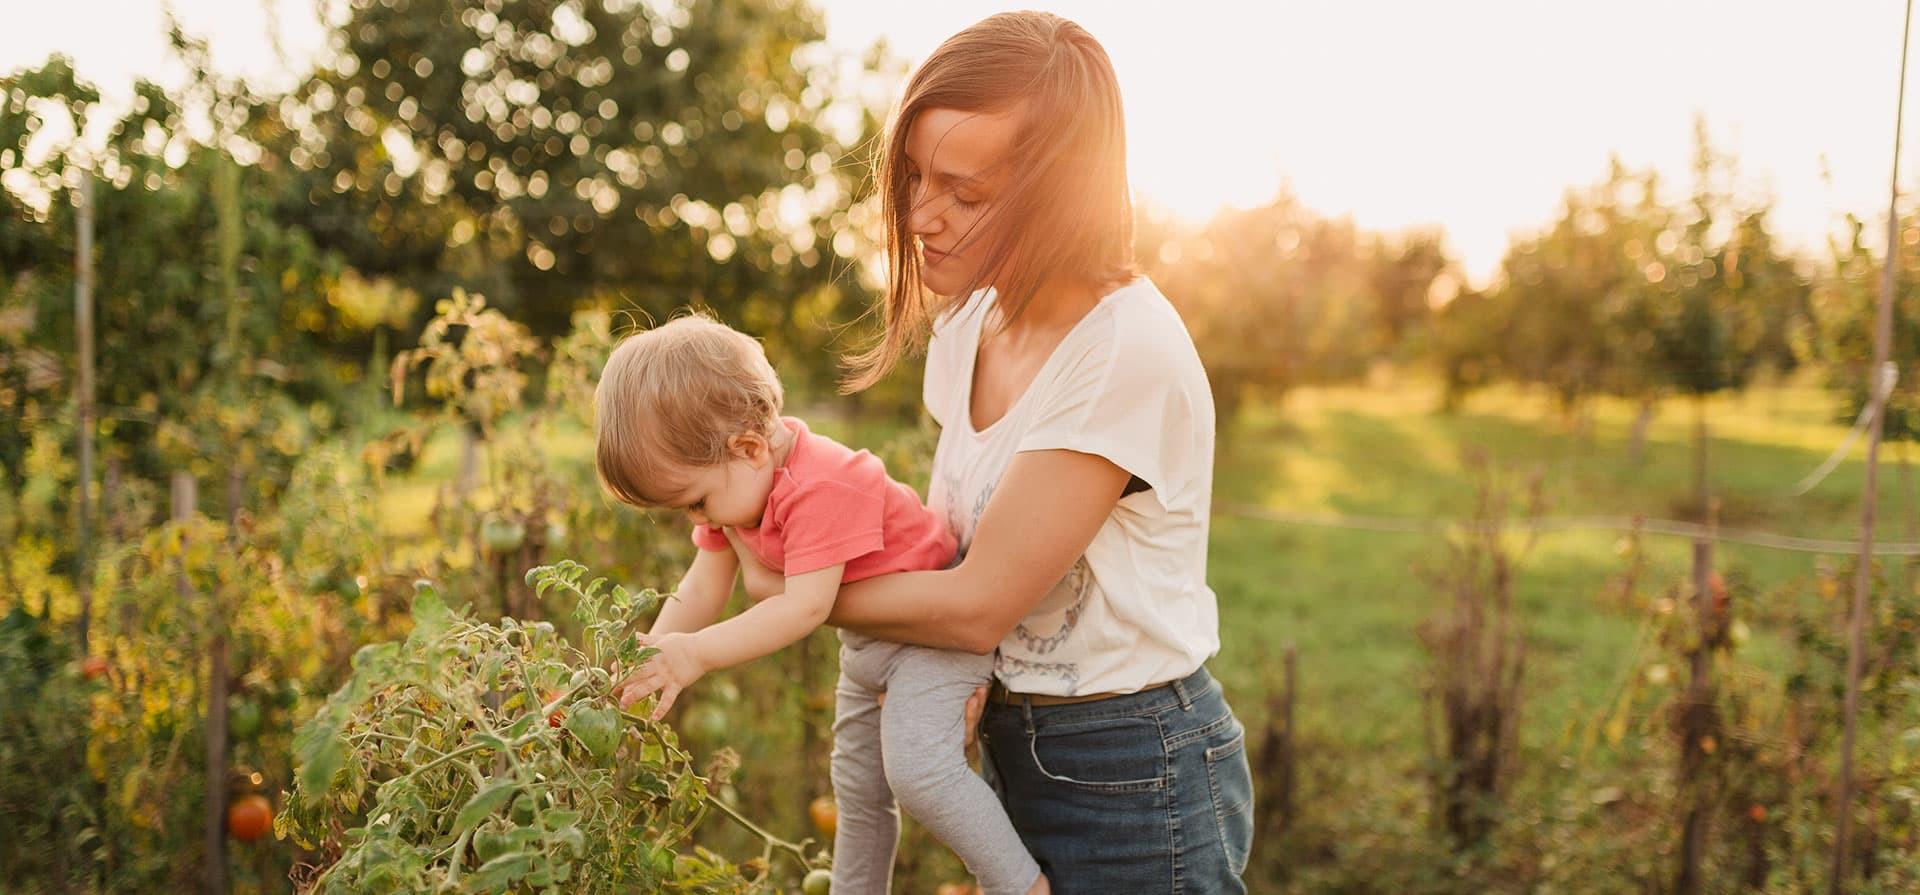 Les 5 bonnes pratiques pour une consommation plus responsable avec bébé